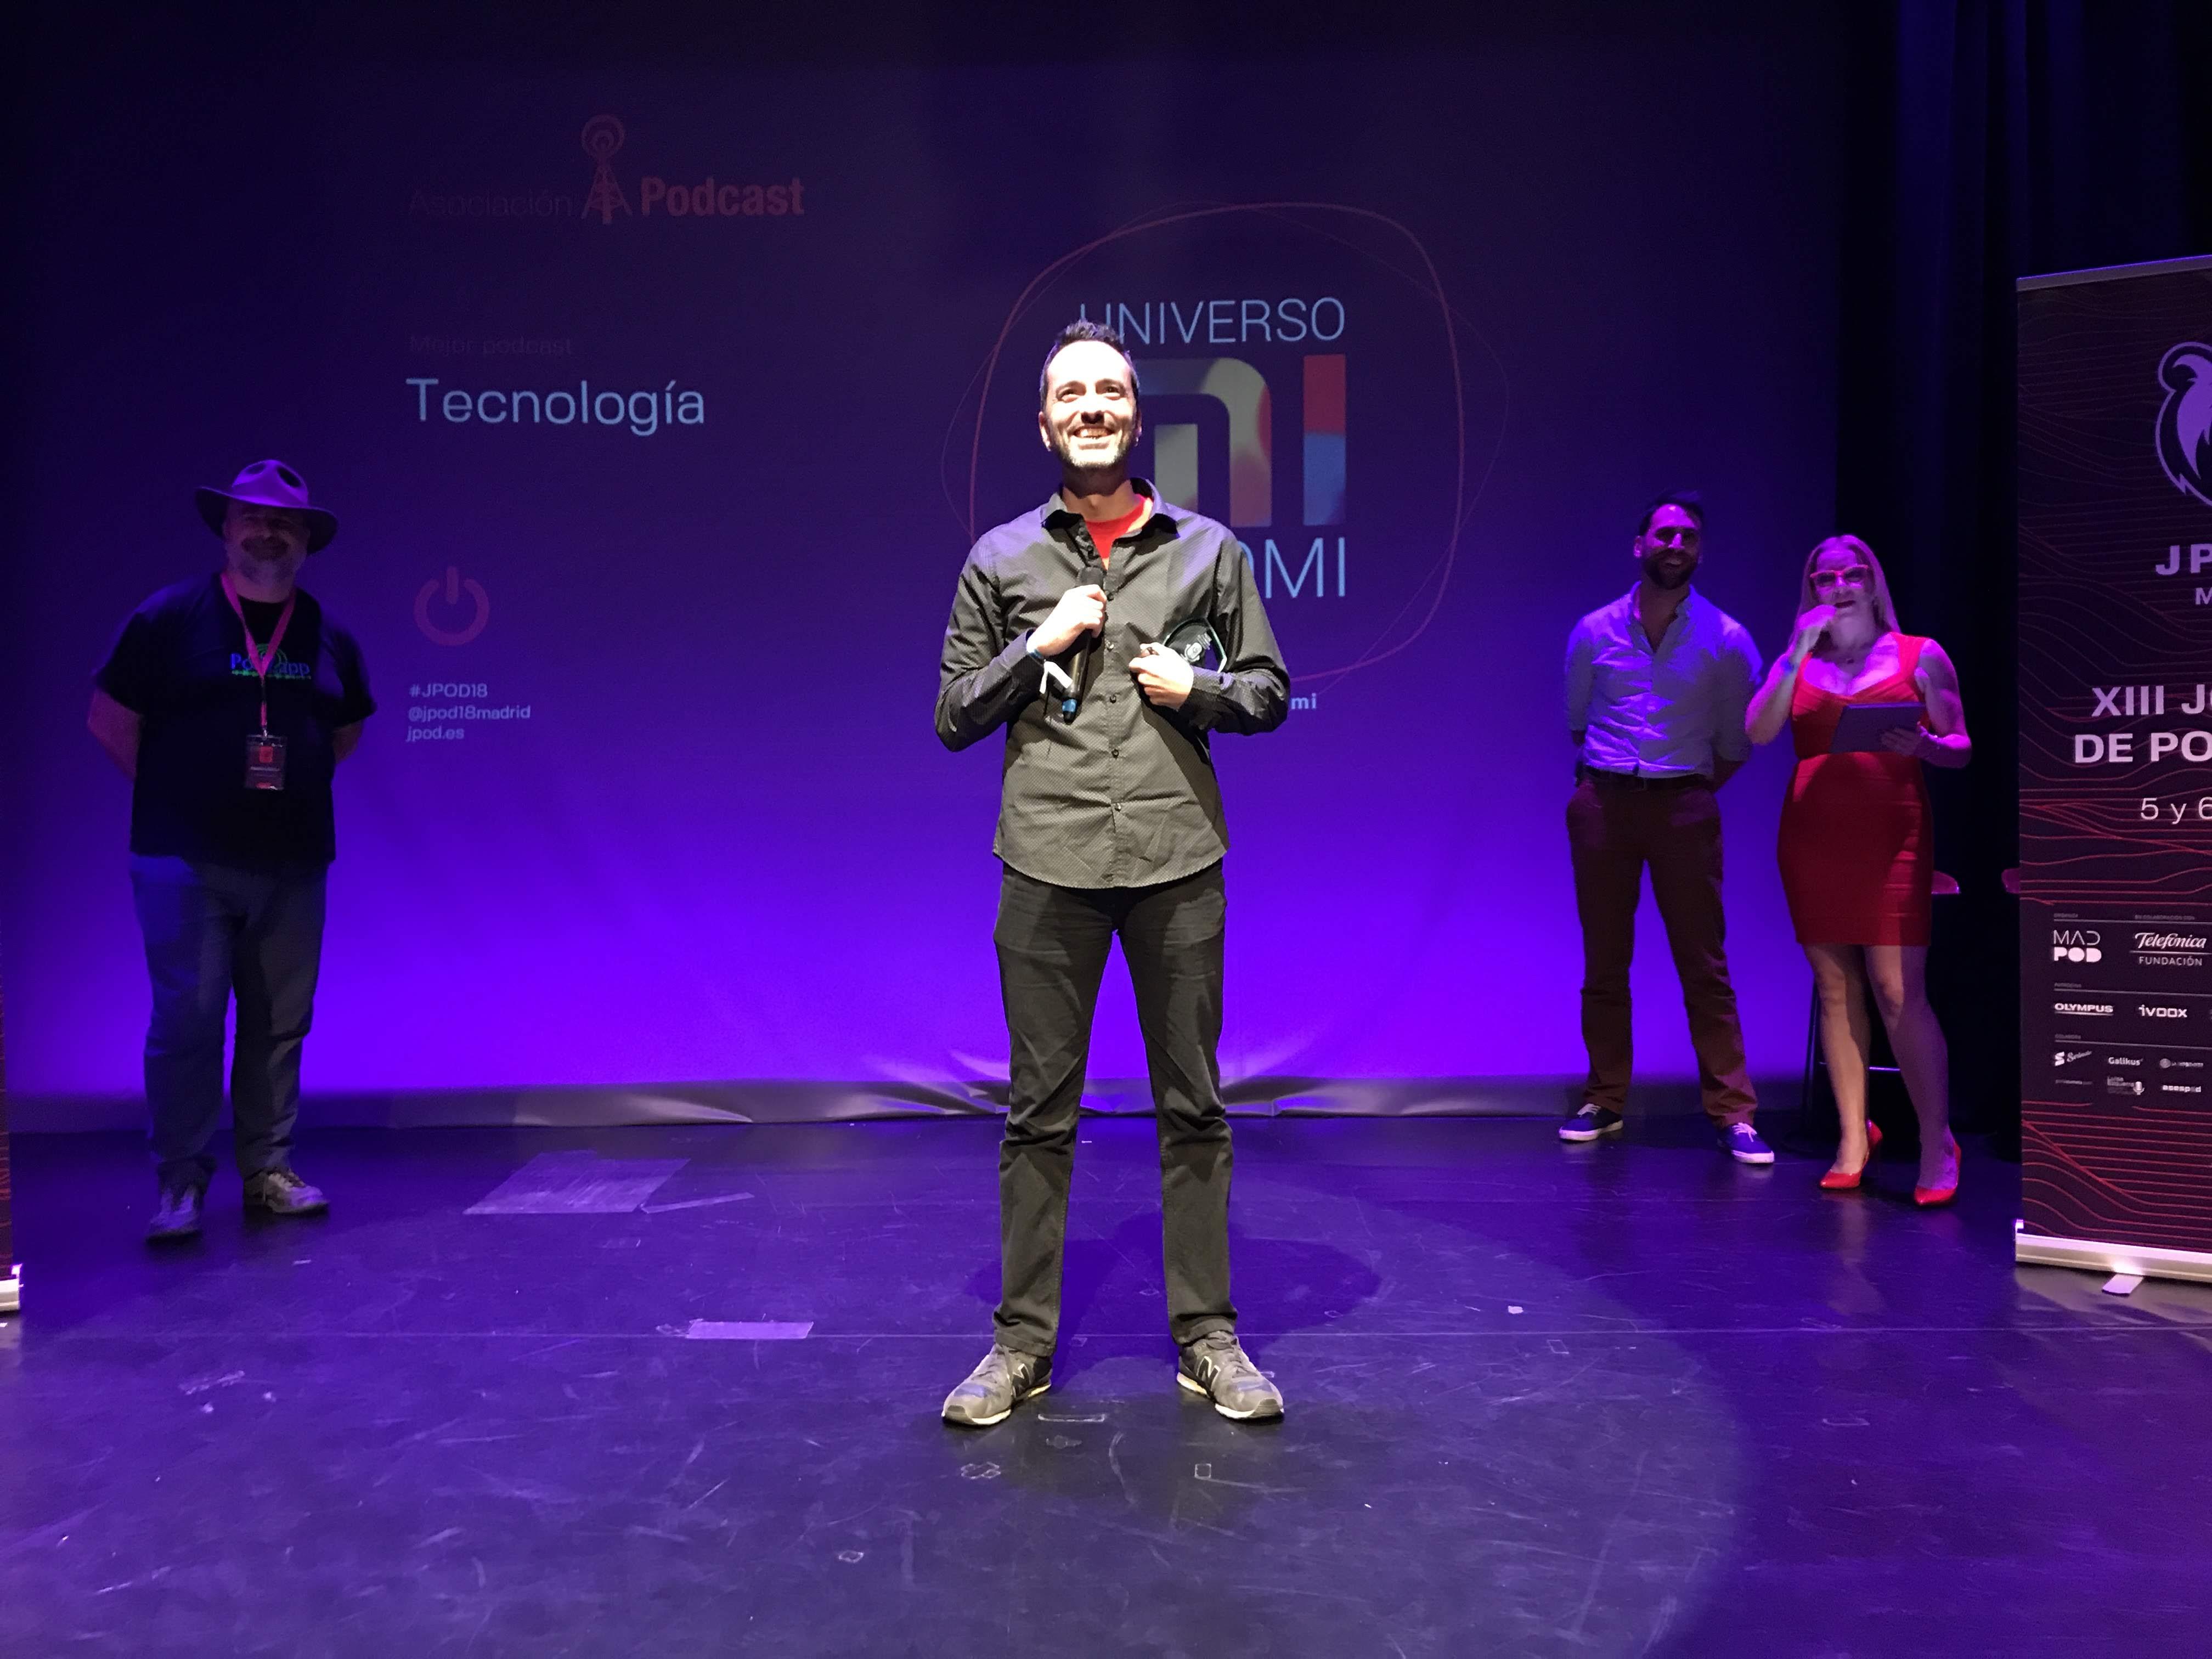 Foto: Alfonso Buenavista - Universo Xiaomi, ganador del premio al Mejor Podcast de Tecnología 2018 en la IX Edición de los premios de la Asociación Podcast.